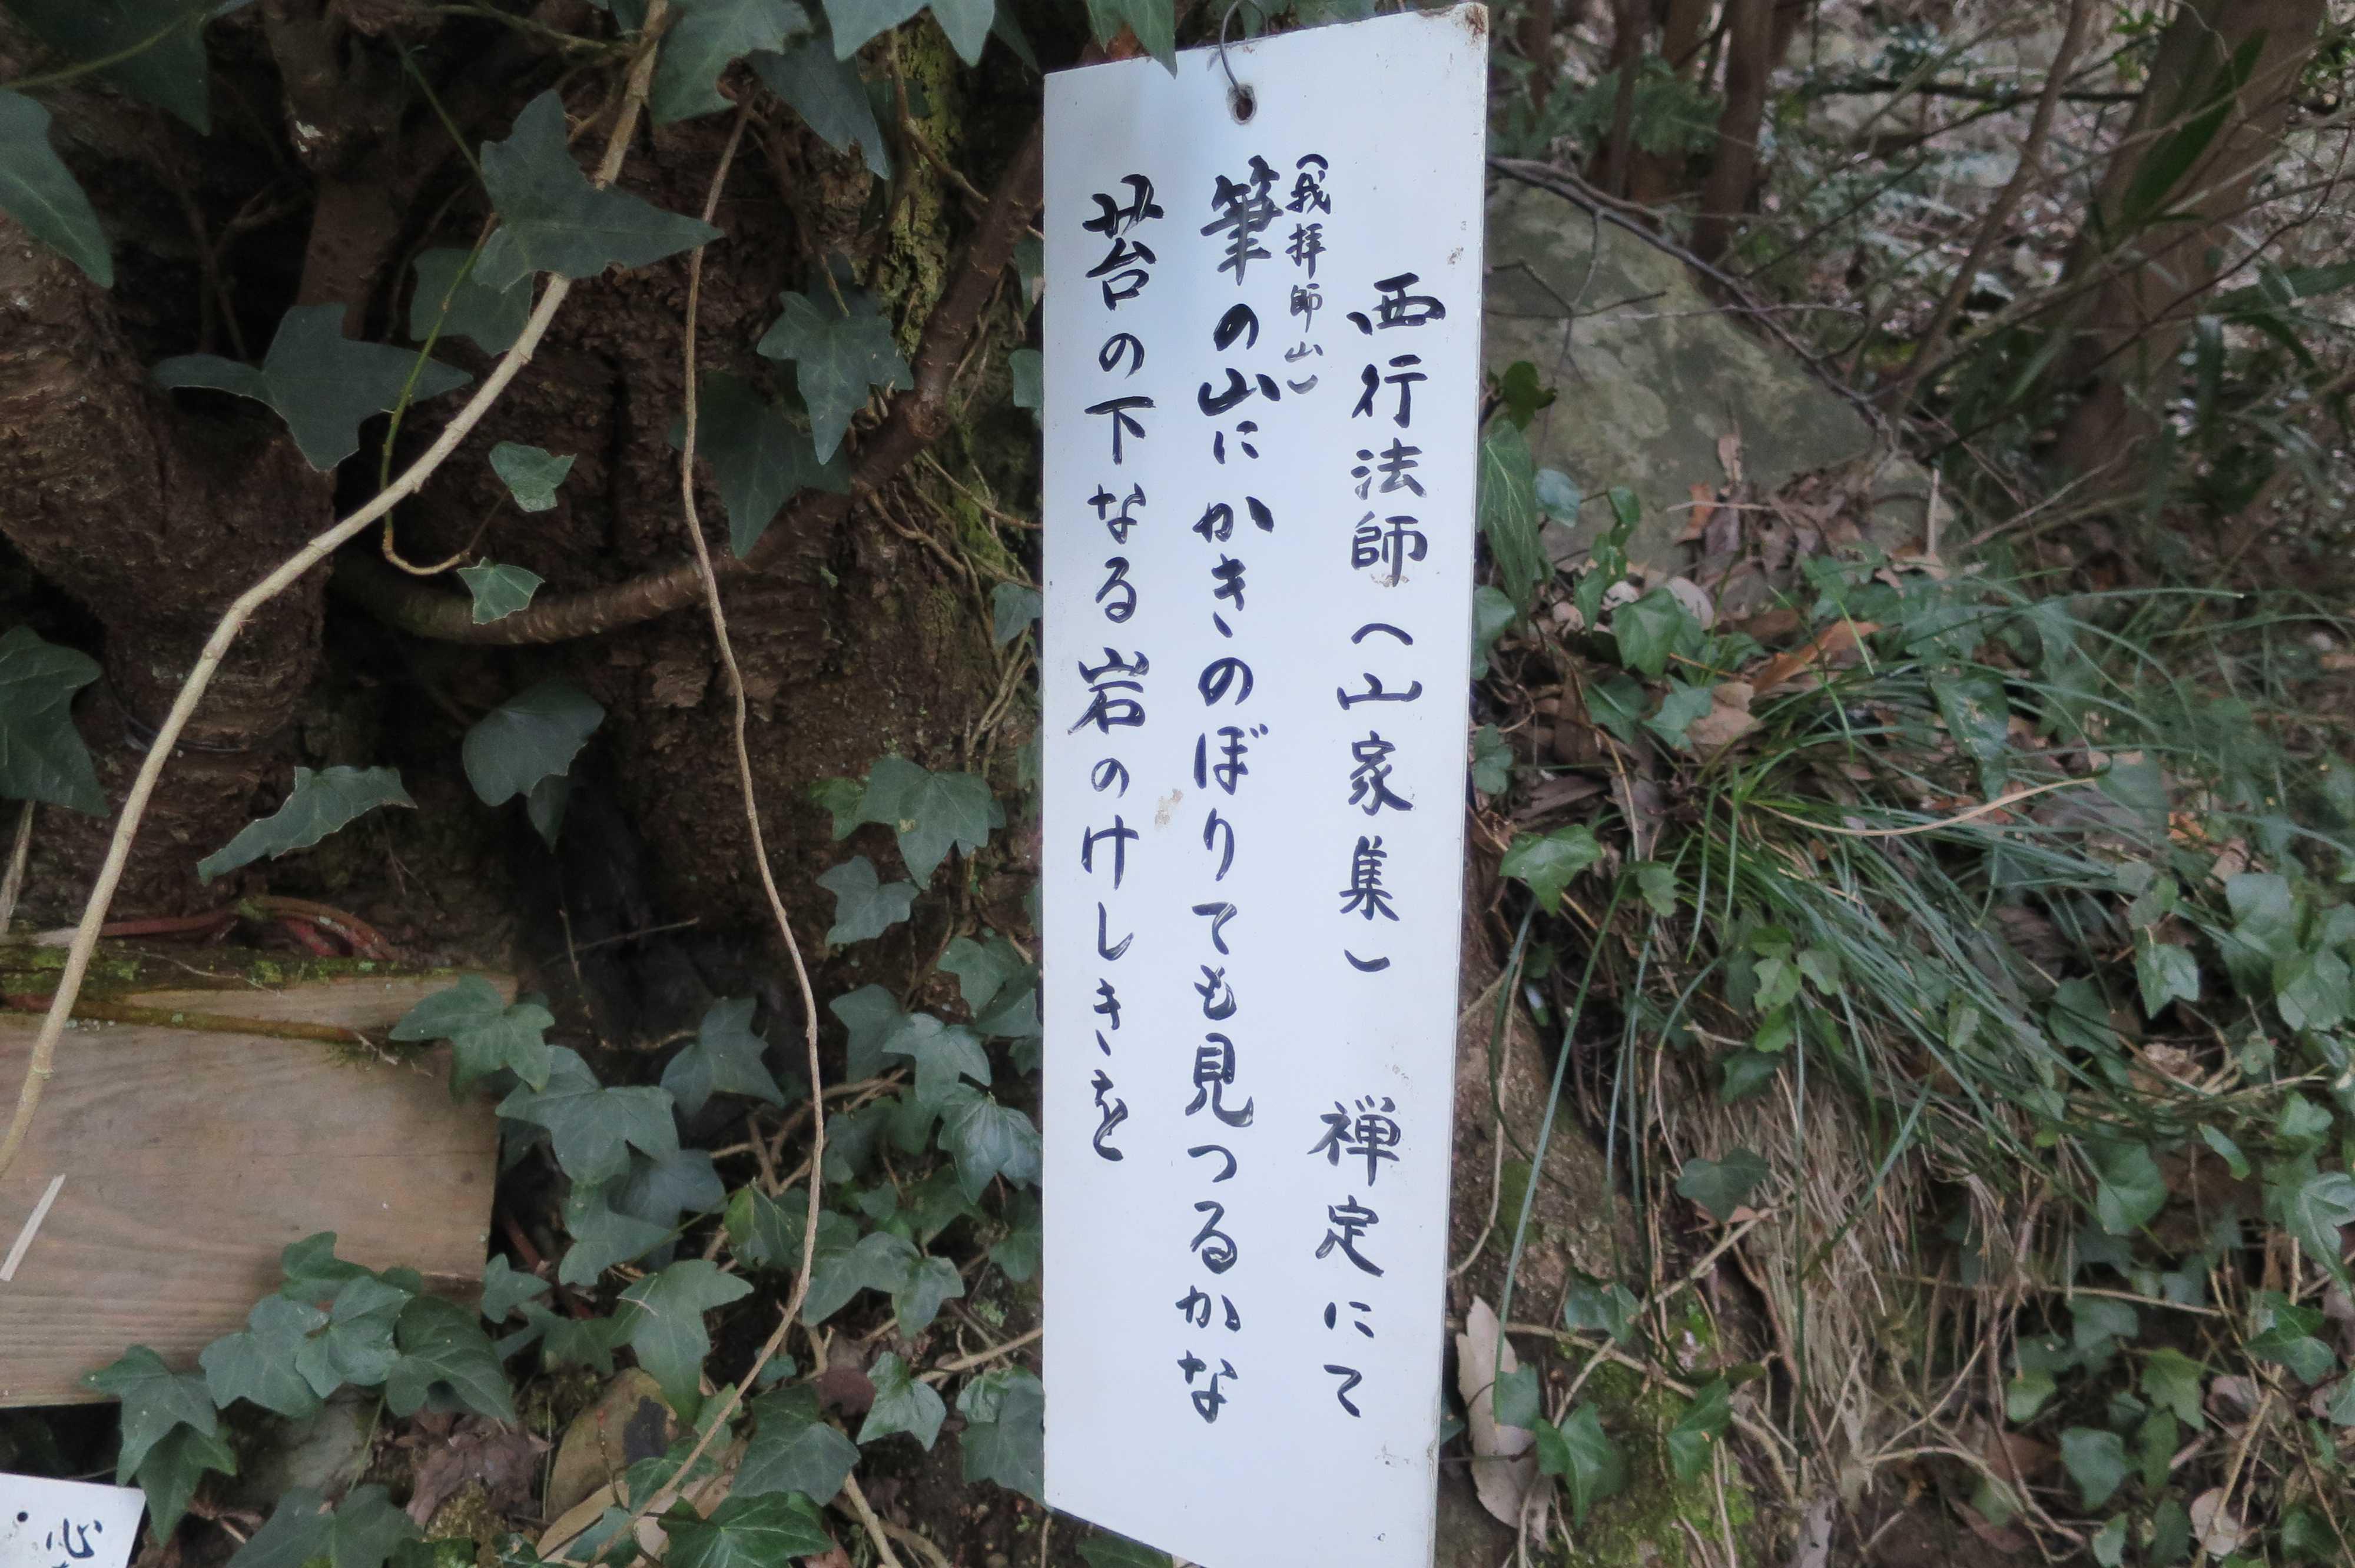 西行法師(山家集):禅定にて  筆の山(我拝師山)に かきのぼりても 見つるかな 苔の下なる 岩のけしきを